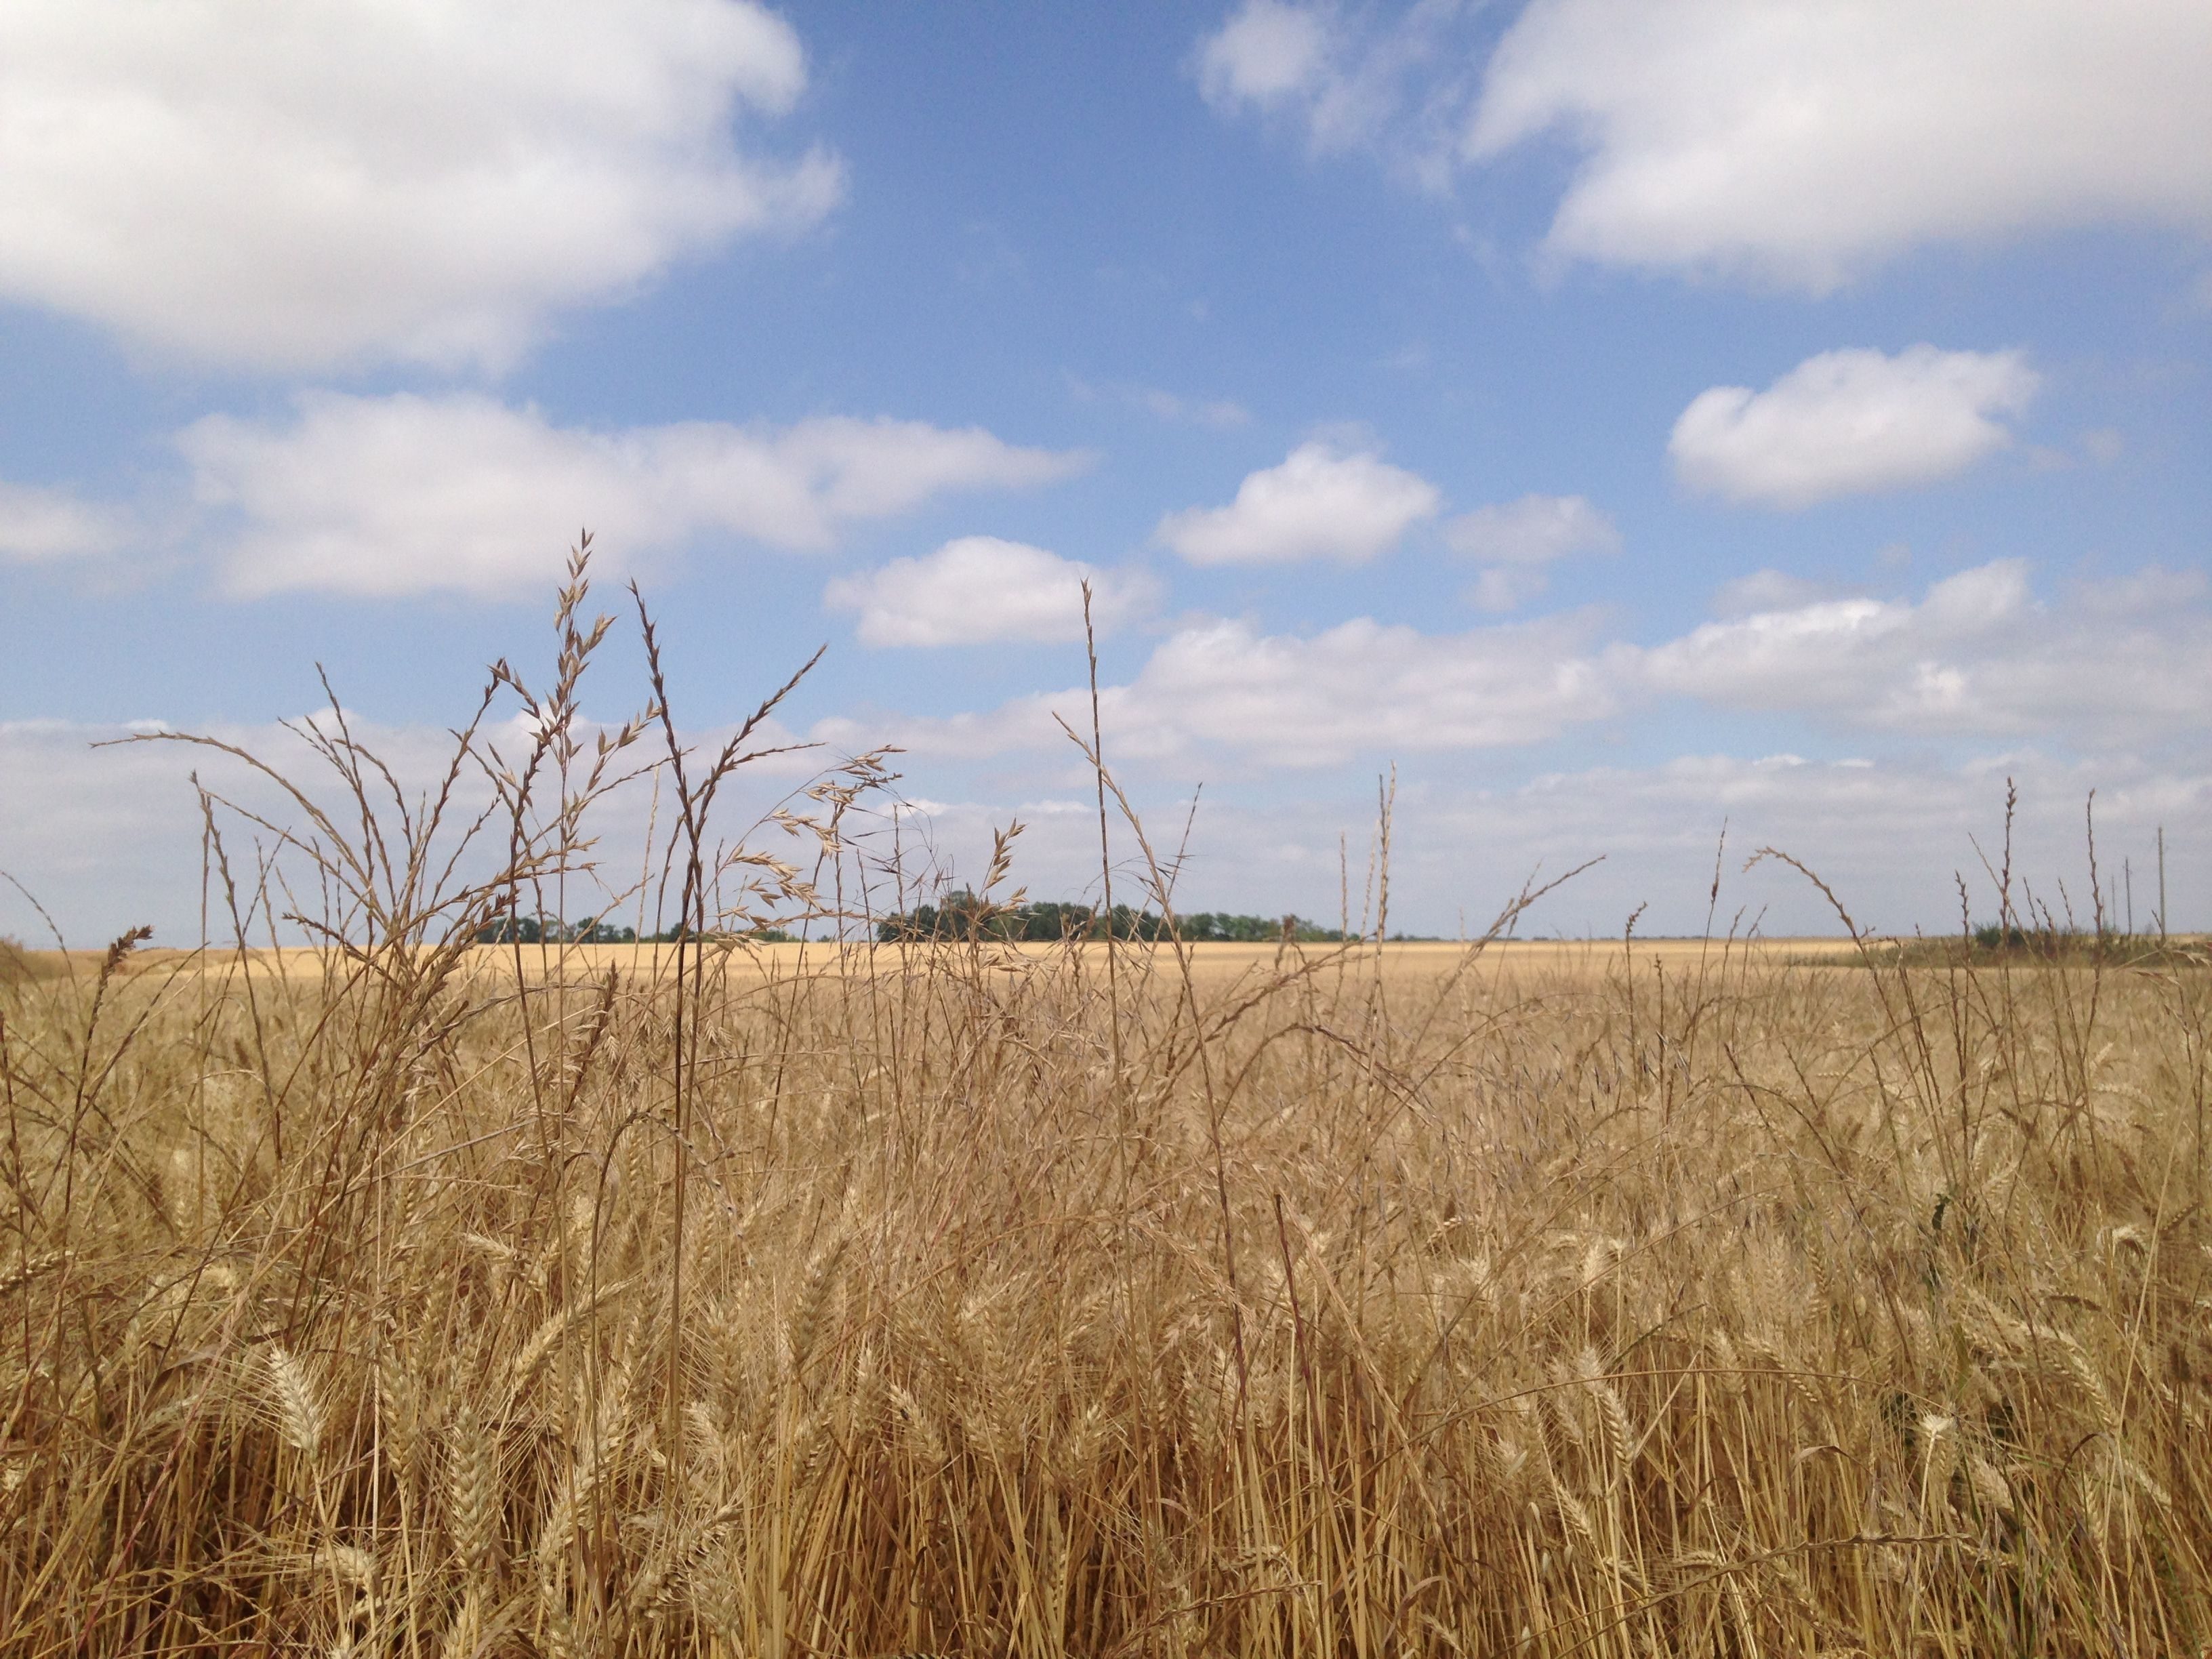 Un bel campo di grano sulla strada per la Normandia!! Anno 2015 foto scattata da Alessandra Bagnato